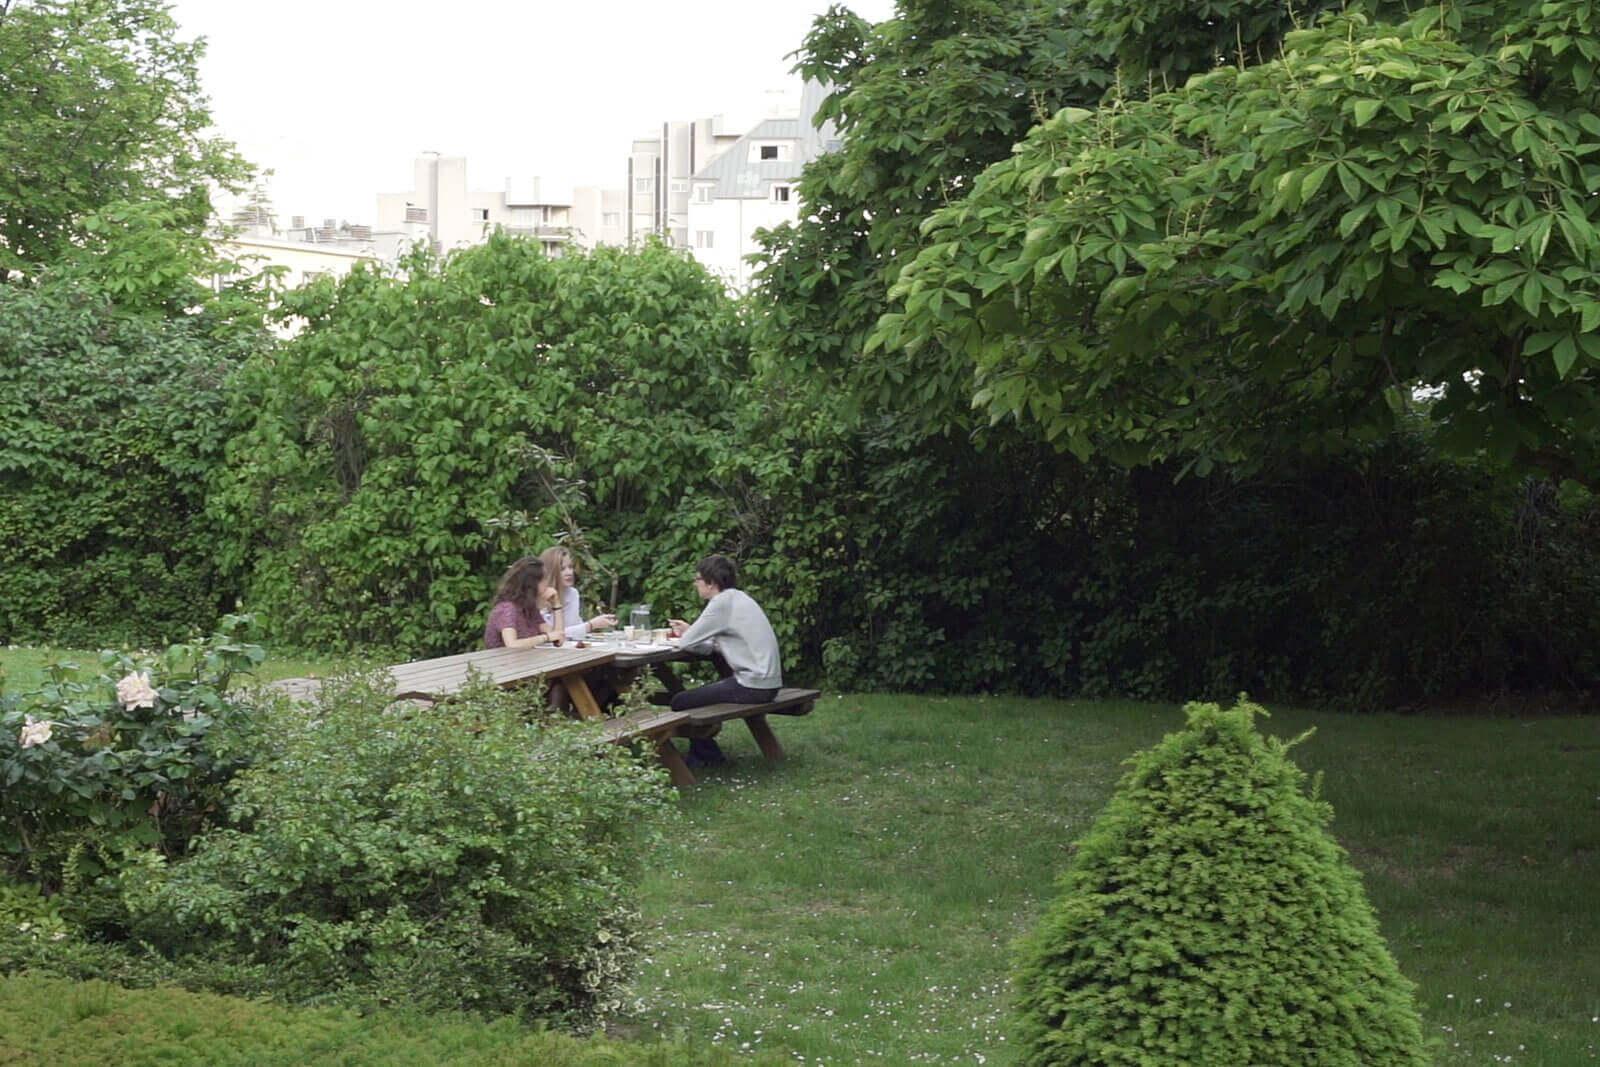 Les Enfants des Arts proposent un grand jardin et des tableaux pour manger, discuter ...